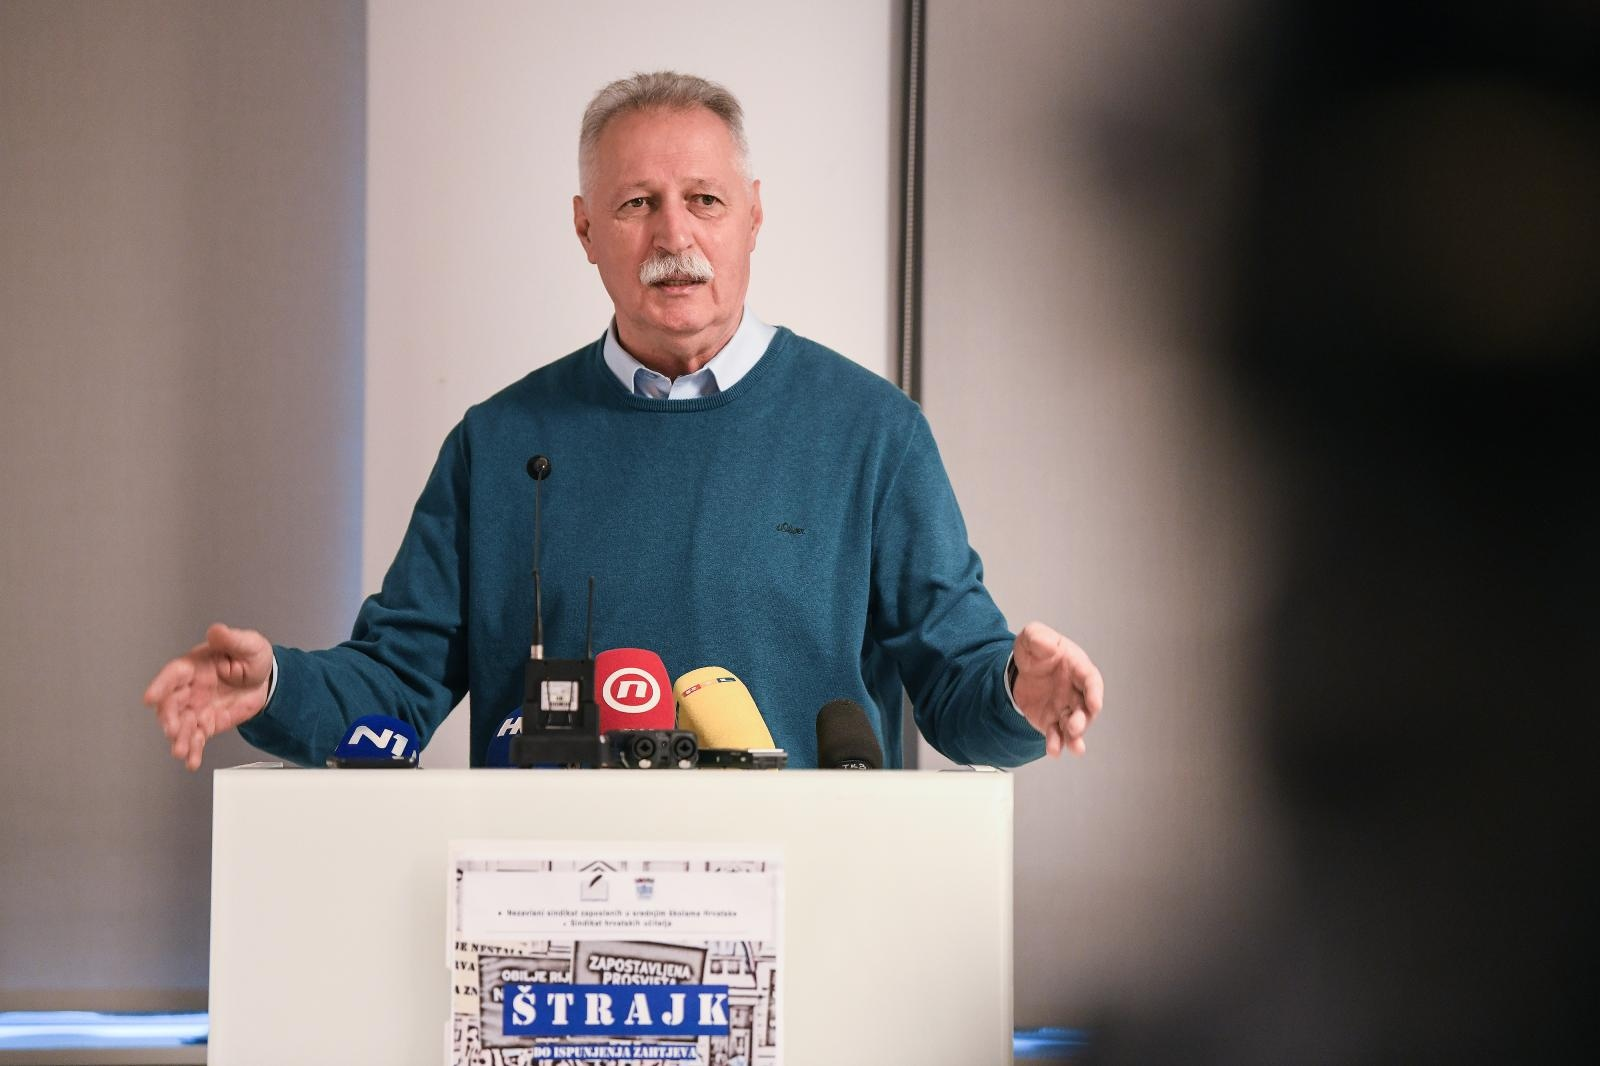 """Photo of Mihalinec: """"ŽupanMilinovićkrenuo je zastrašivati zaposlene koji su u štrajku"""""""